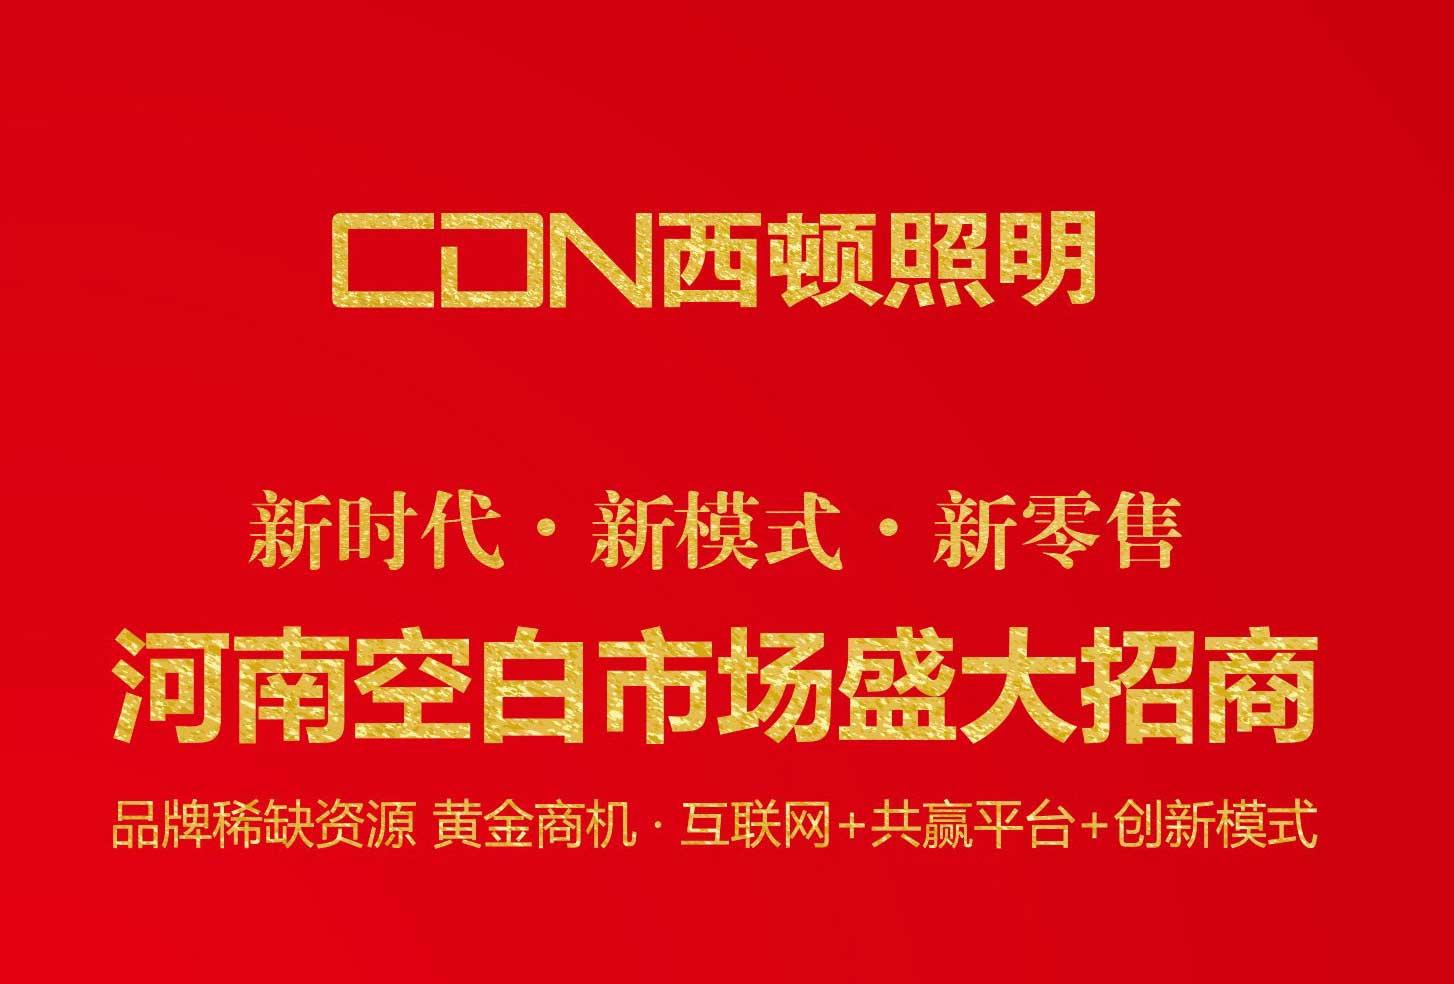 西顿bob电竞官网官方主页家居渠道河南市场招兵买马!